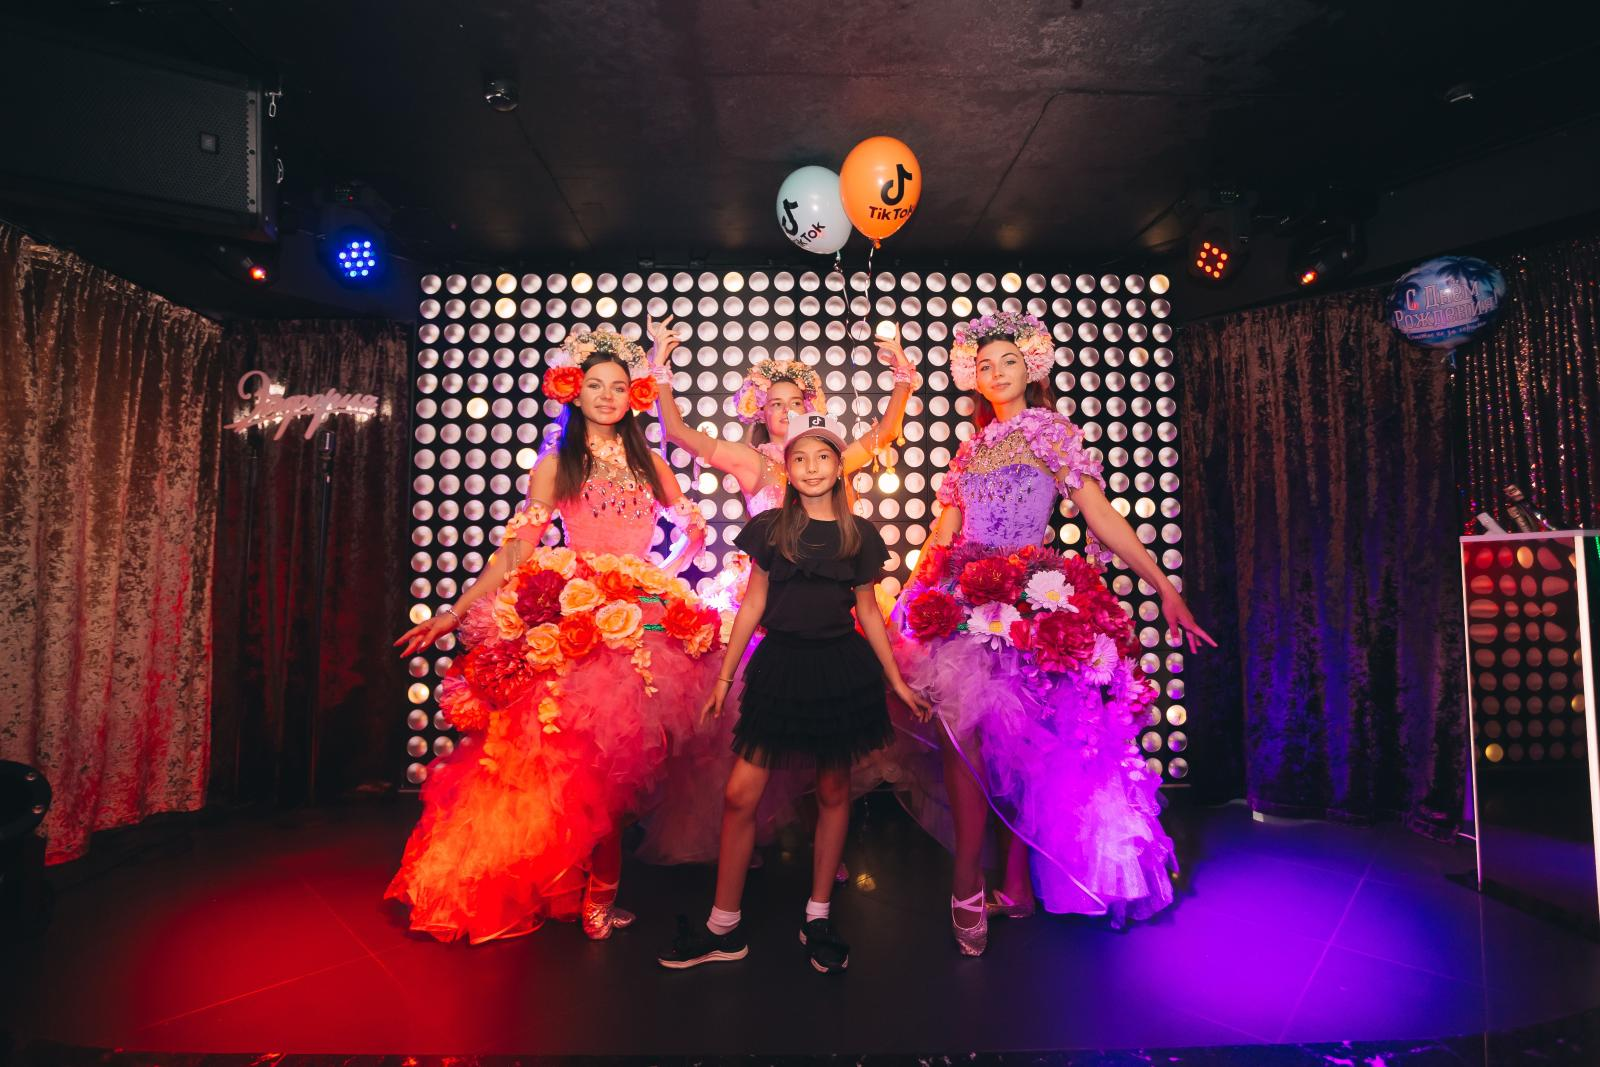 Дочь Инны и Юрия Жирковых устроила вечеринку в стиле TikTok: